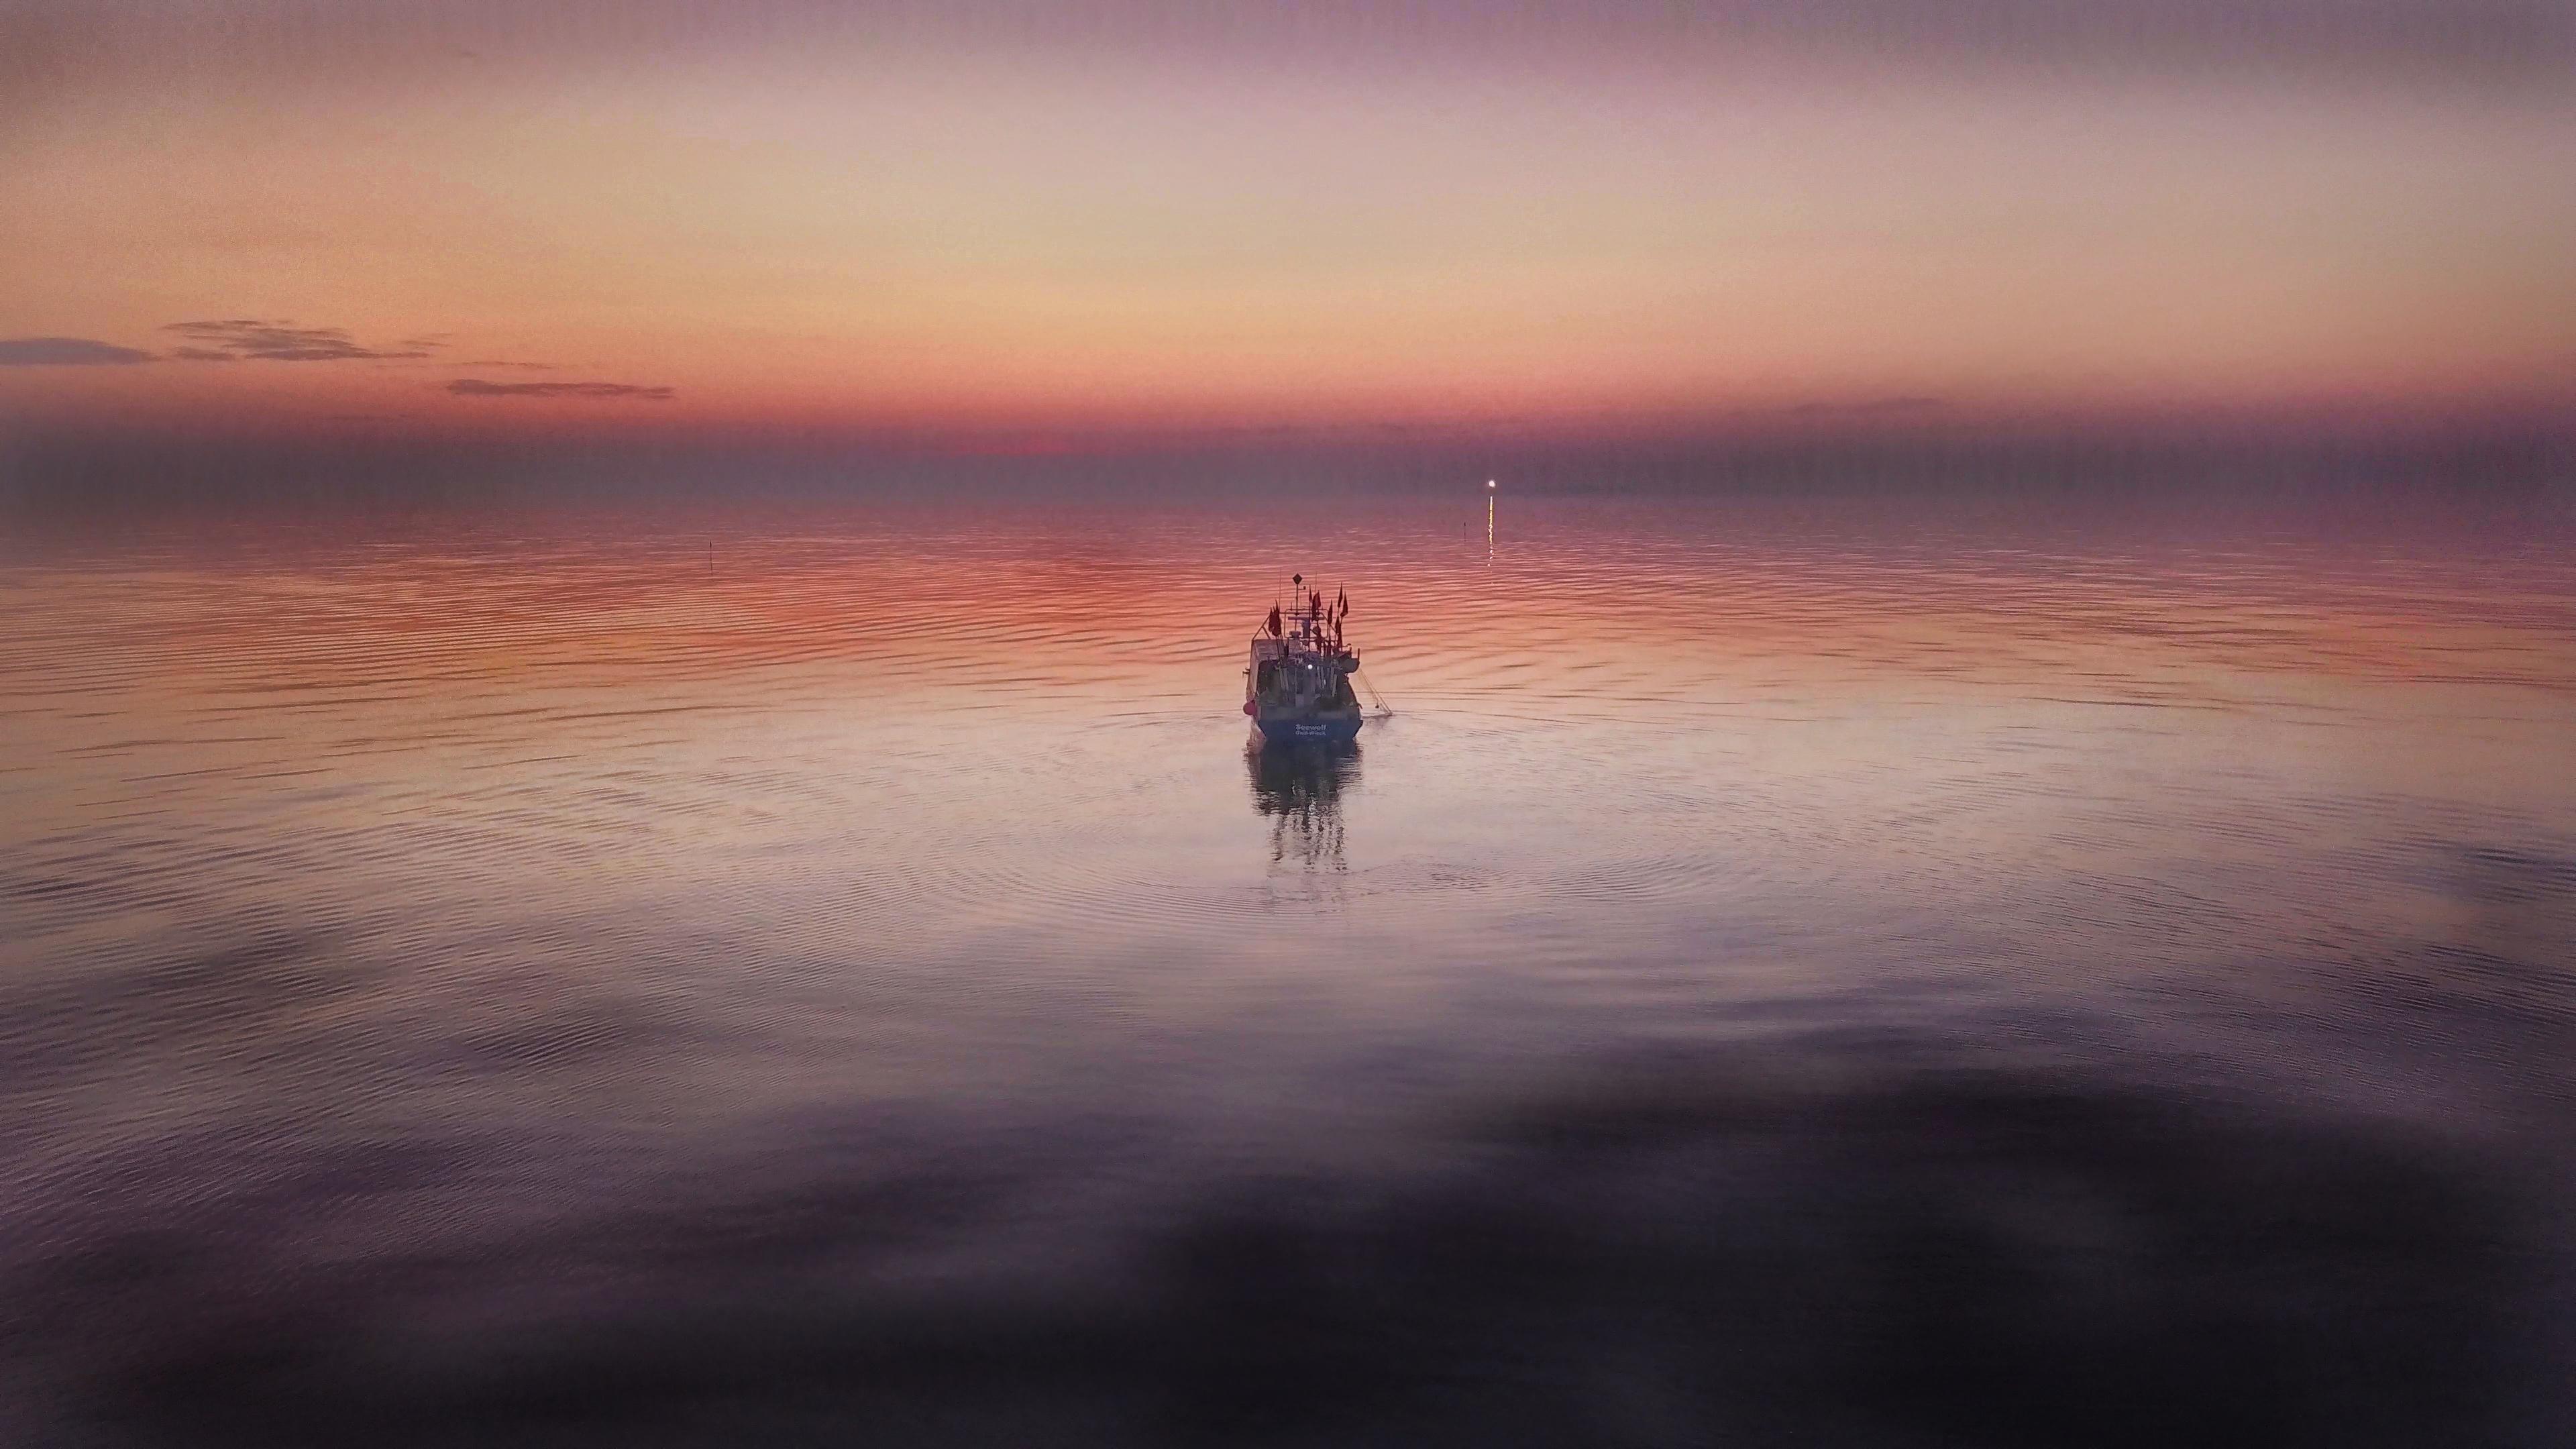 """Filmstill Videostill aus dem Film """"Ich hol' dir einen frischen Fisch"""" von Christiane Burwitz und Stefan Pocha"""